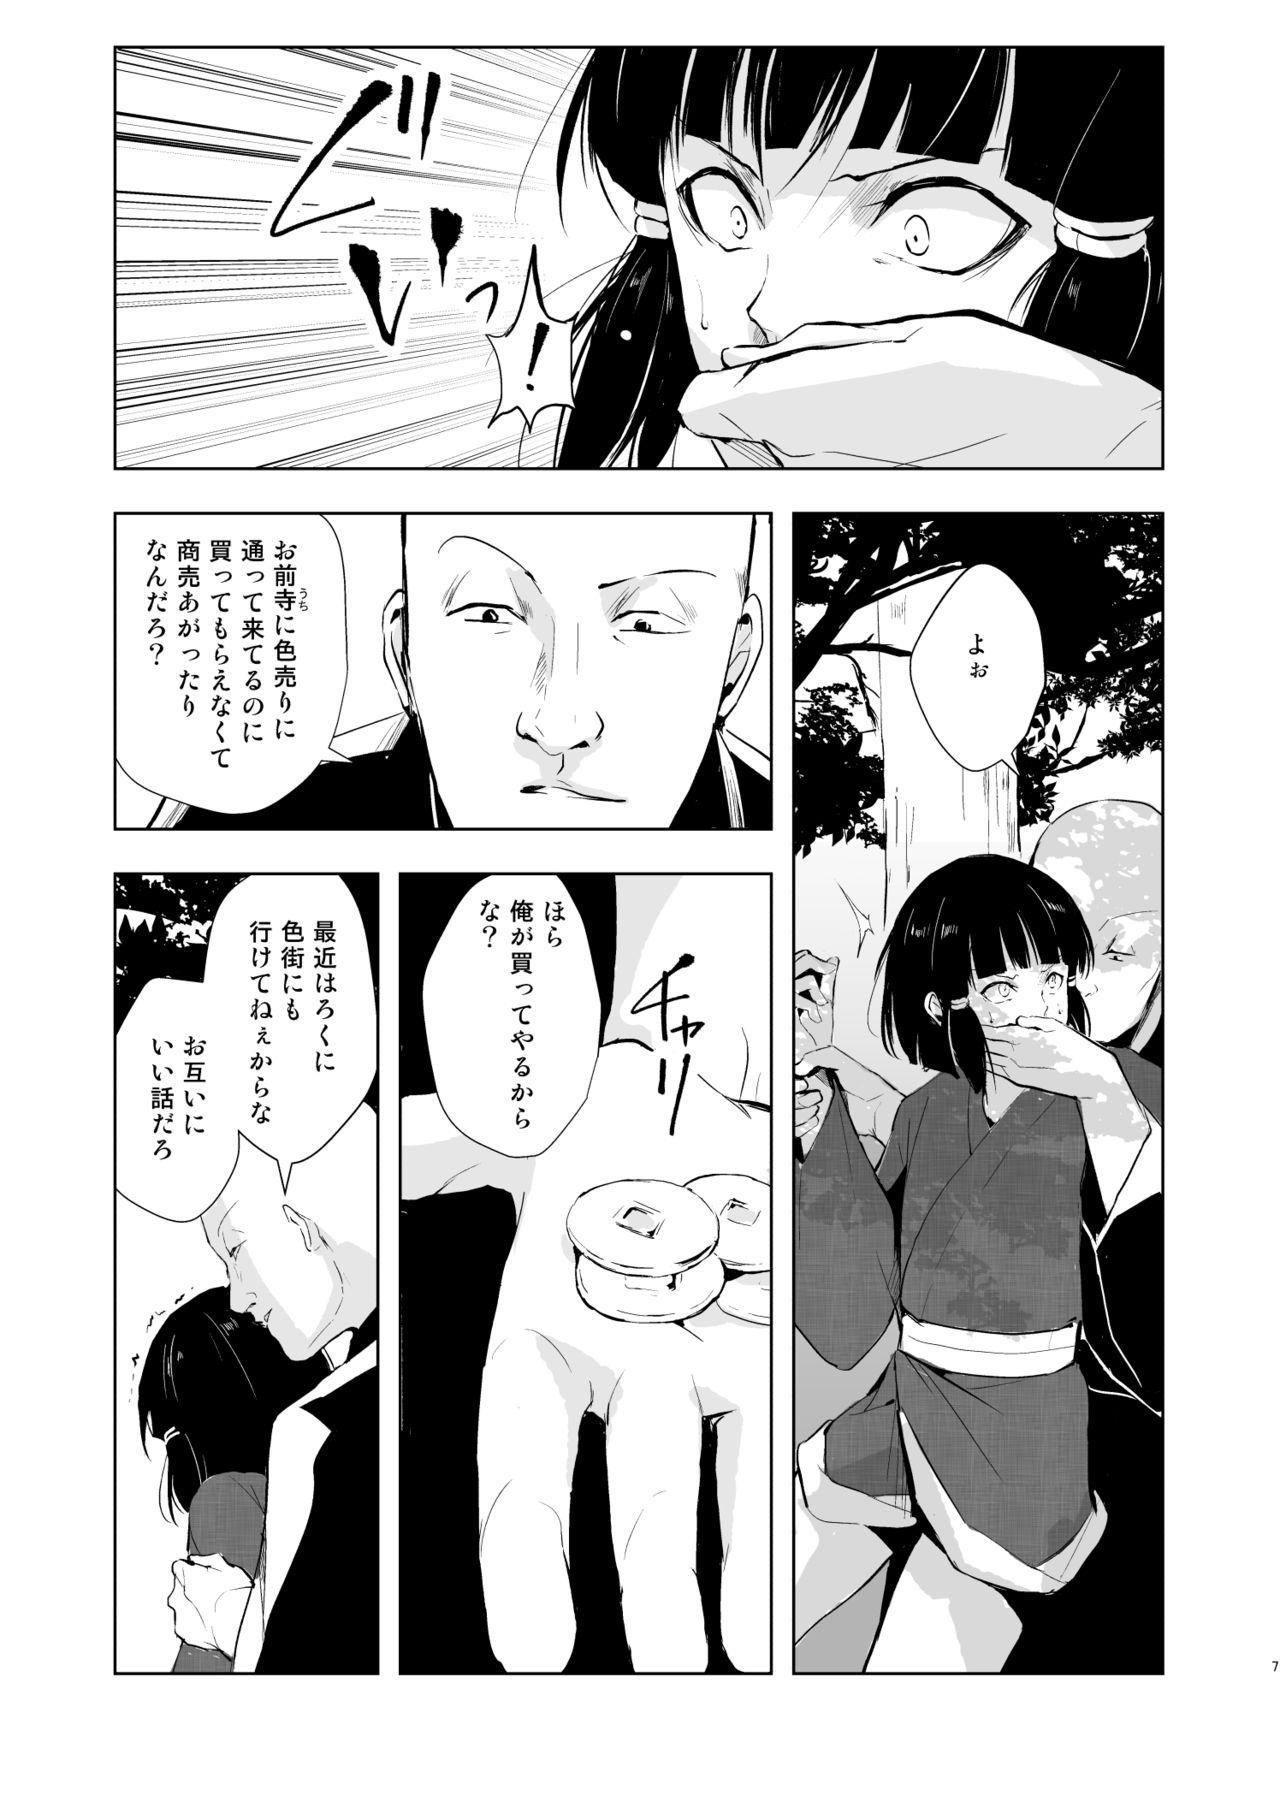 Umugairou Sairokubon 2 7